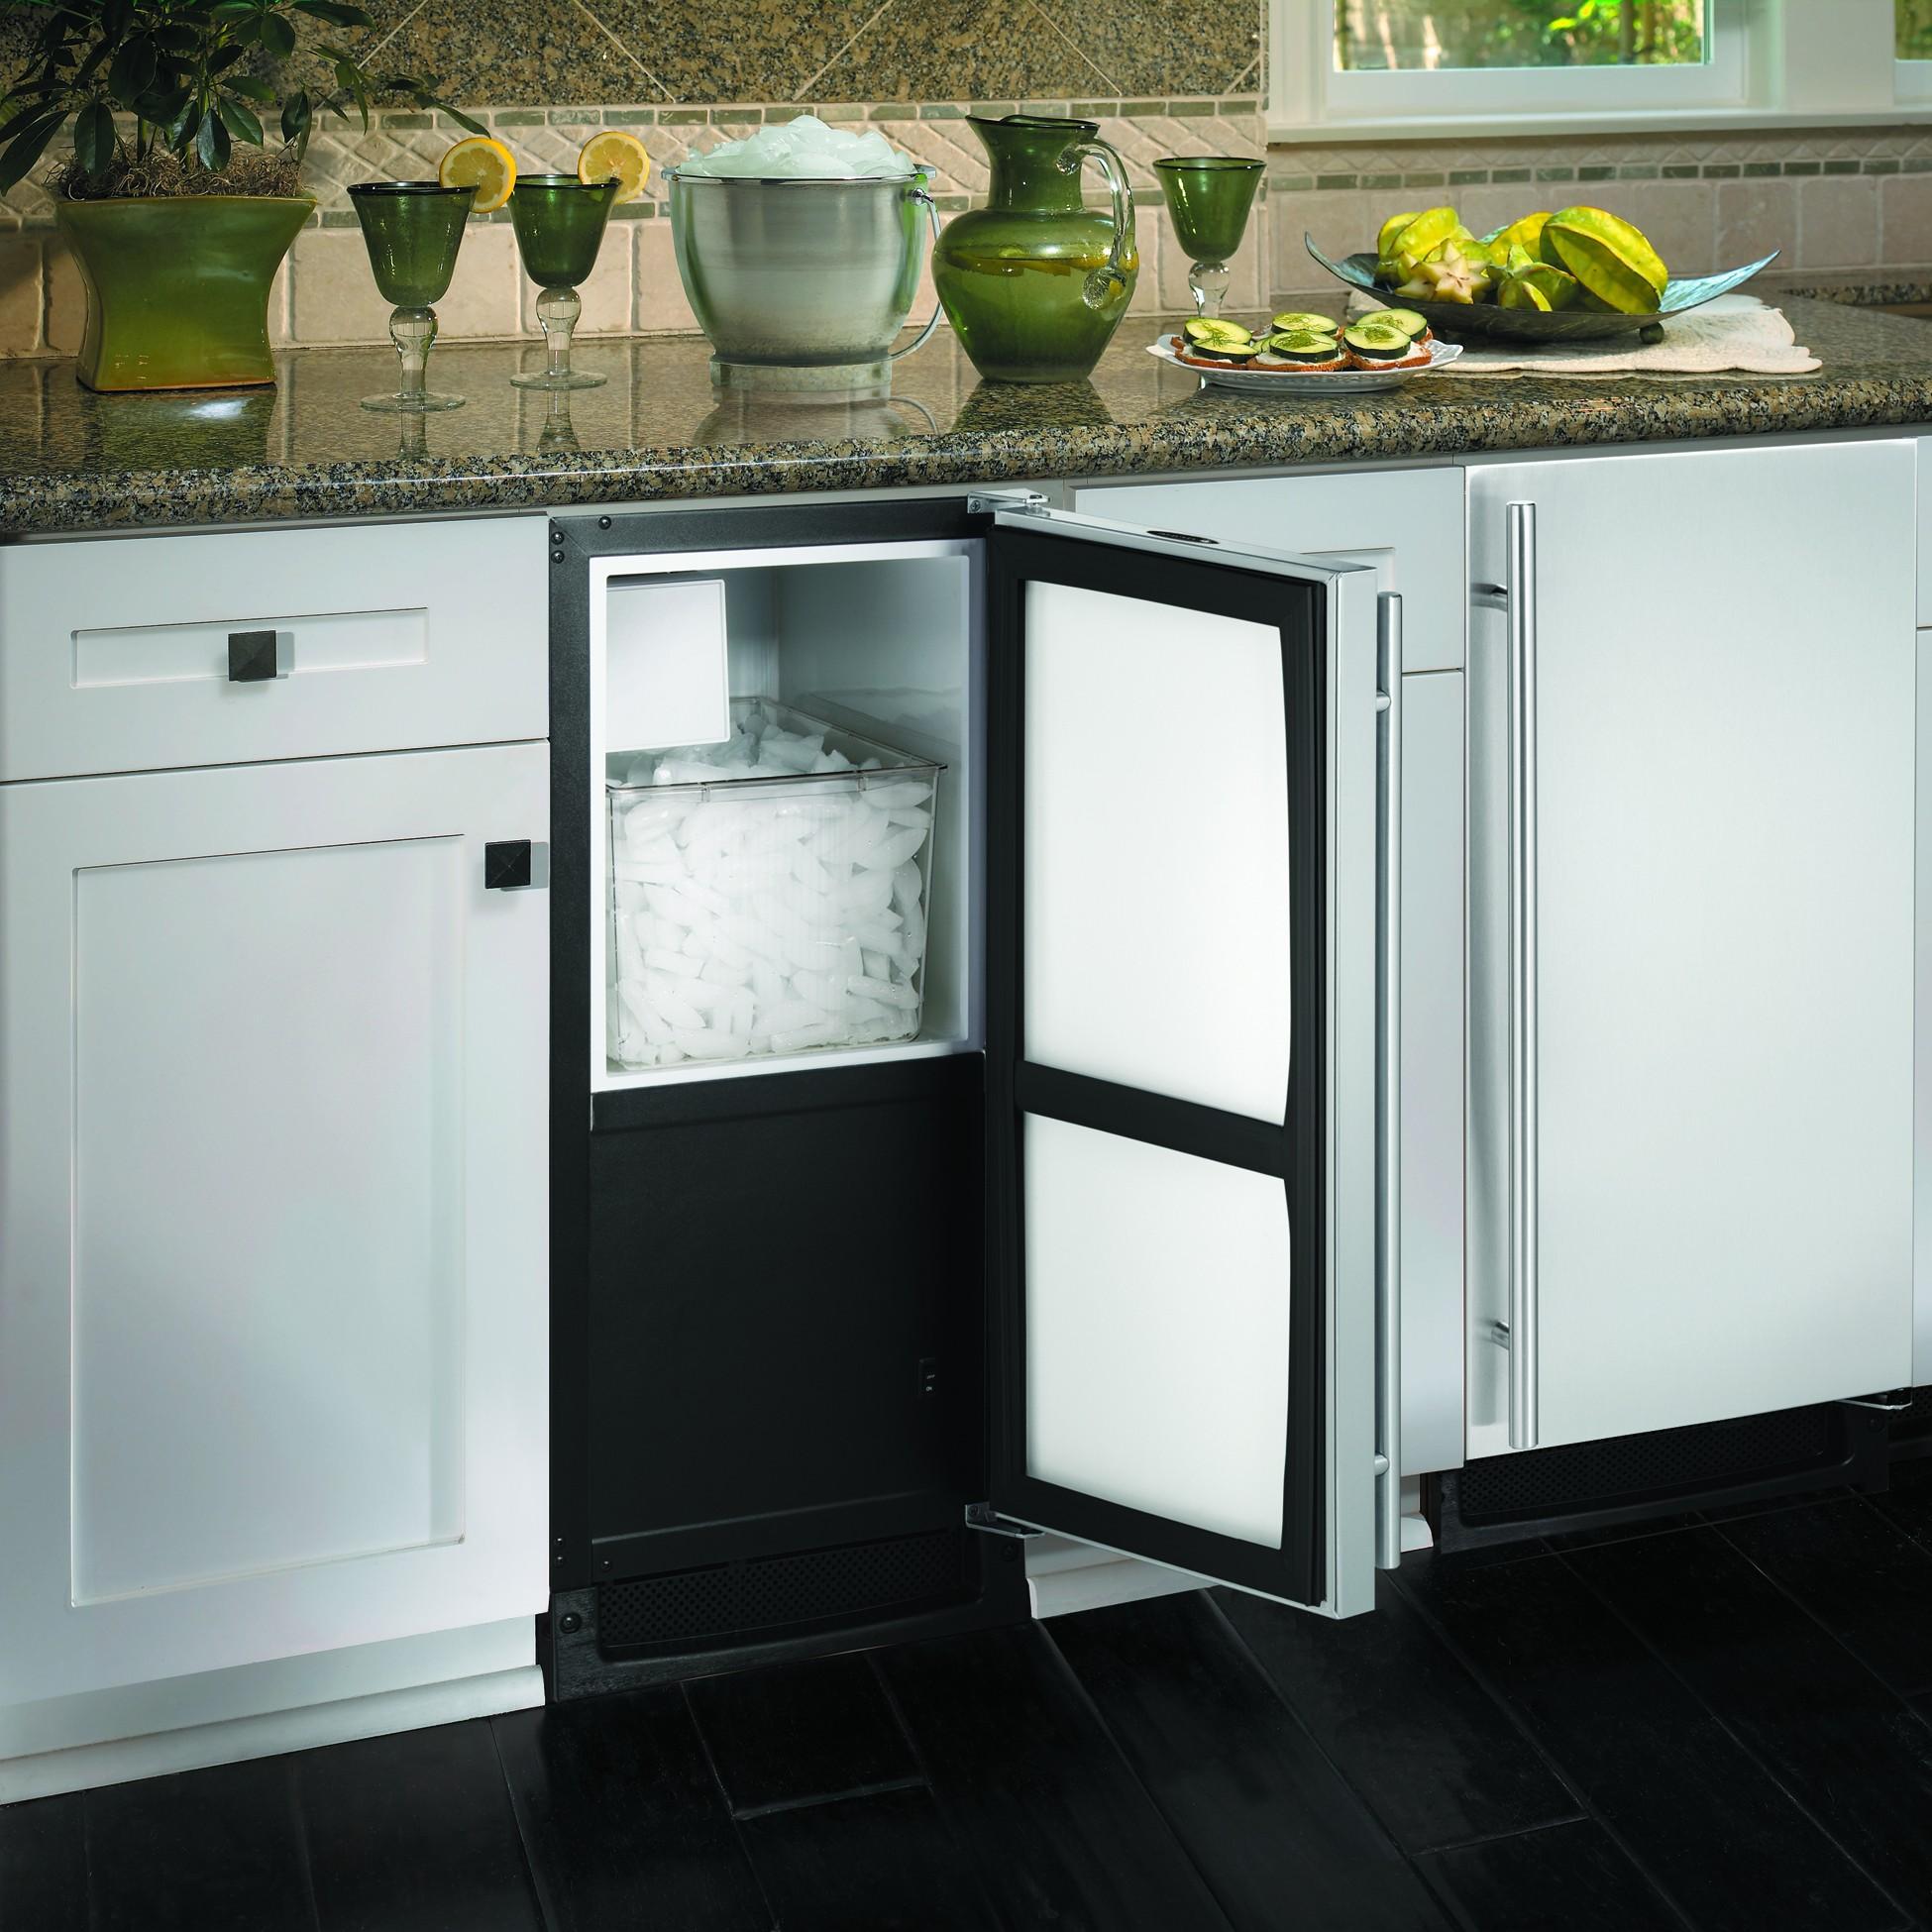 Лёдогенератор, встроенный в кухонный гарнитур от Jamie Gold, CKD, CAPS